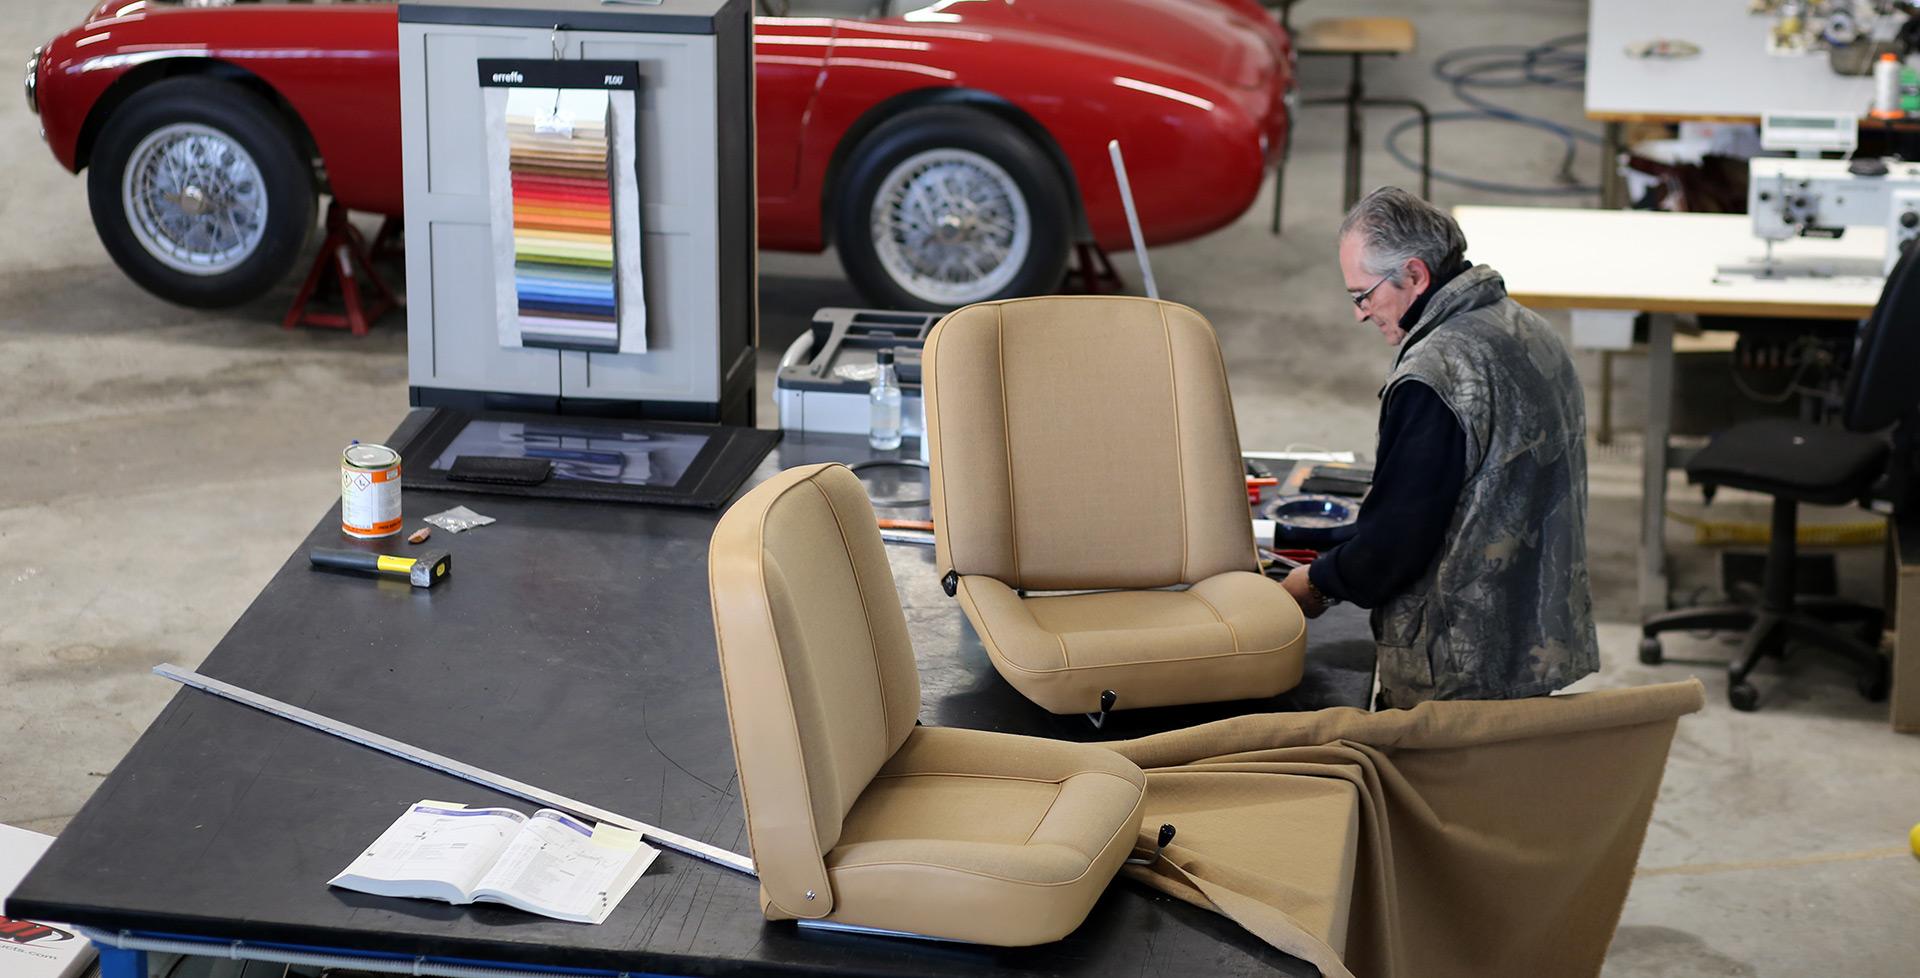 tappezzeria e restauro interni vetture storiche